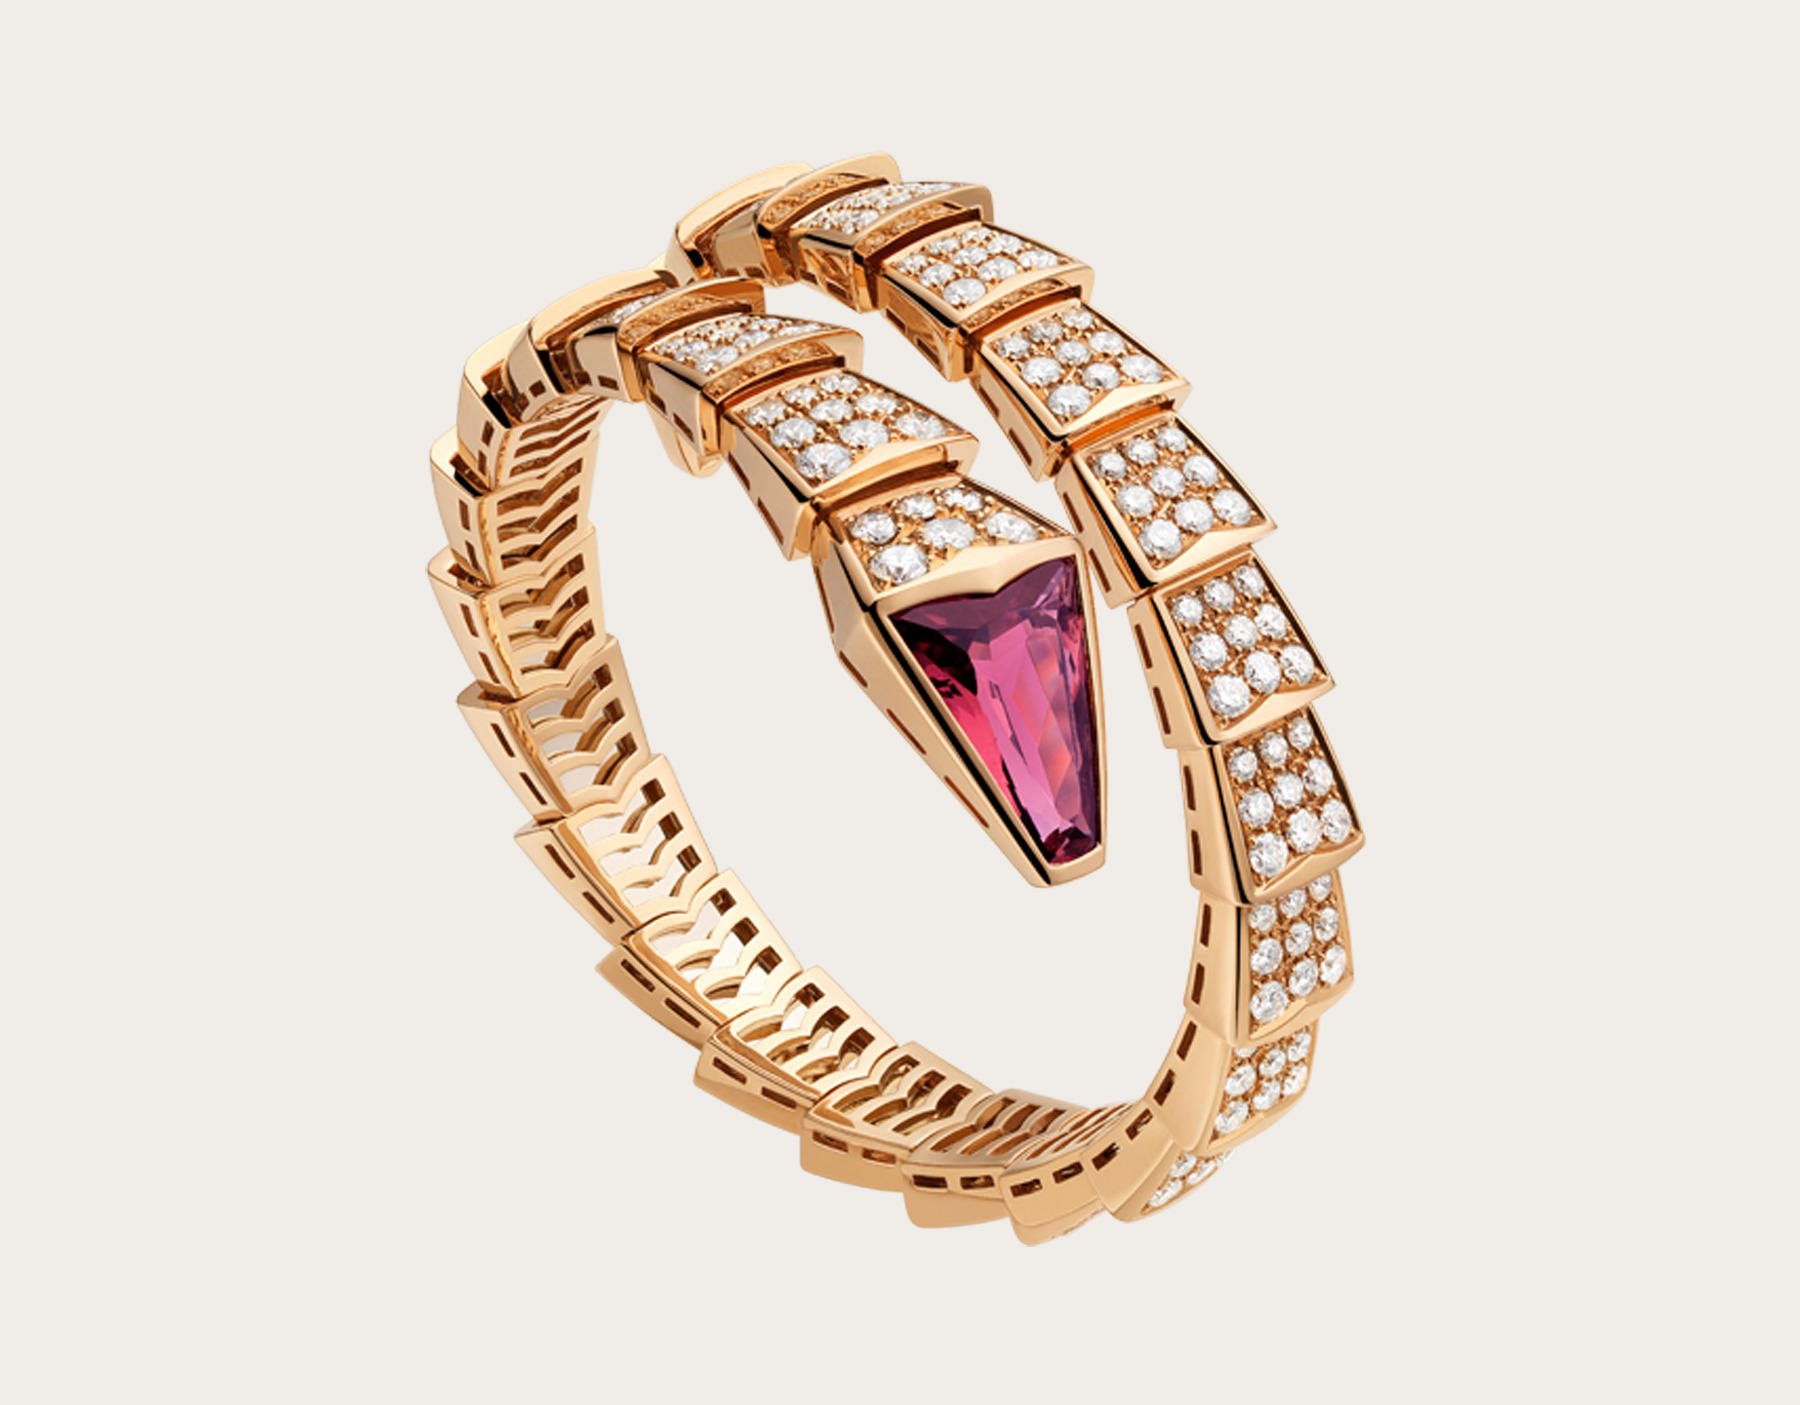 Bracciale in oro rosa con tubellite e diamanti Bulgari Serpenti